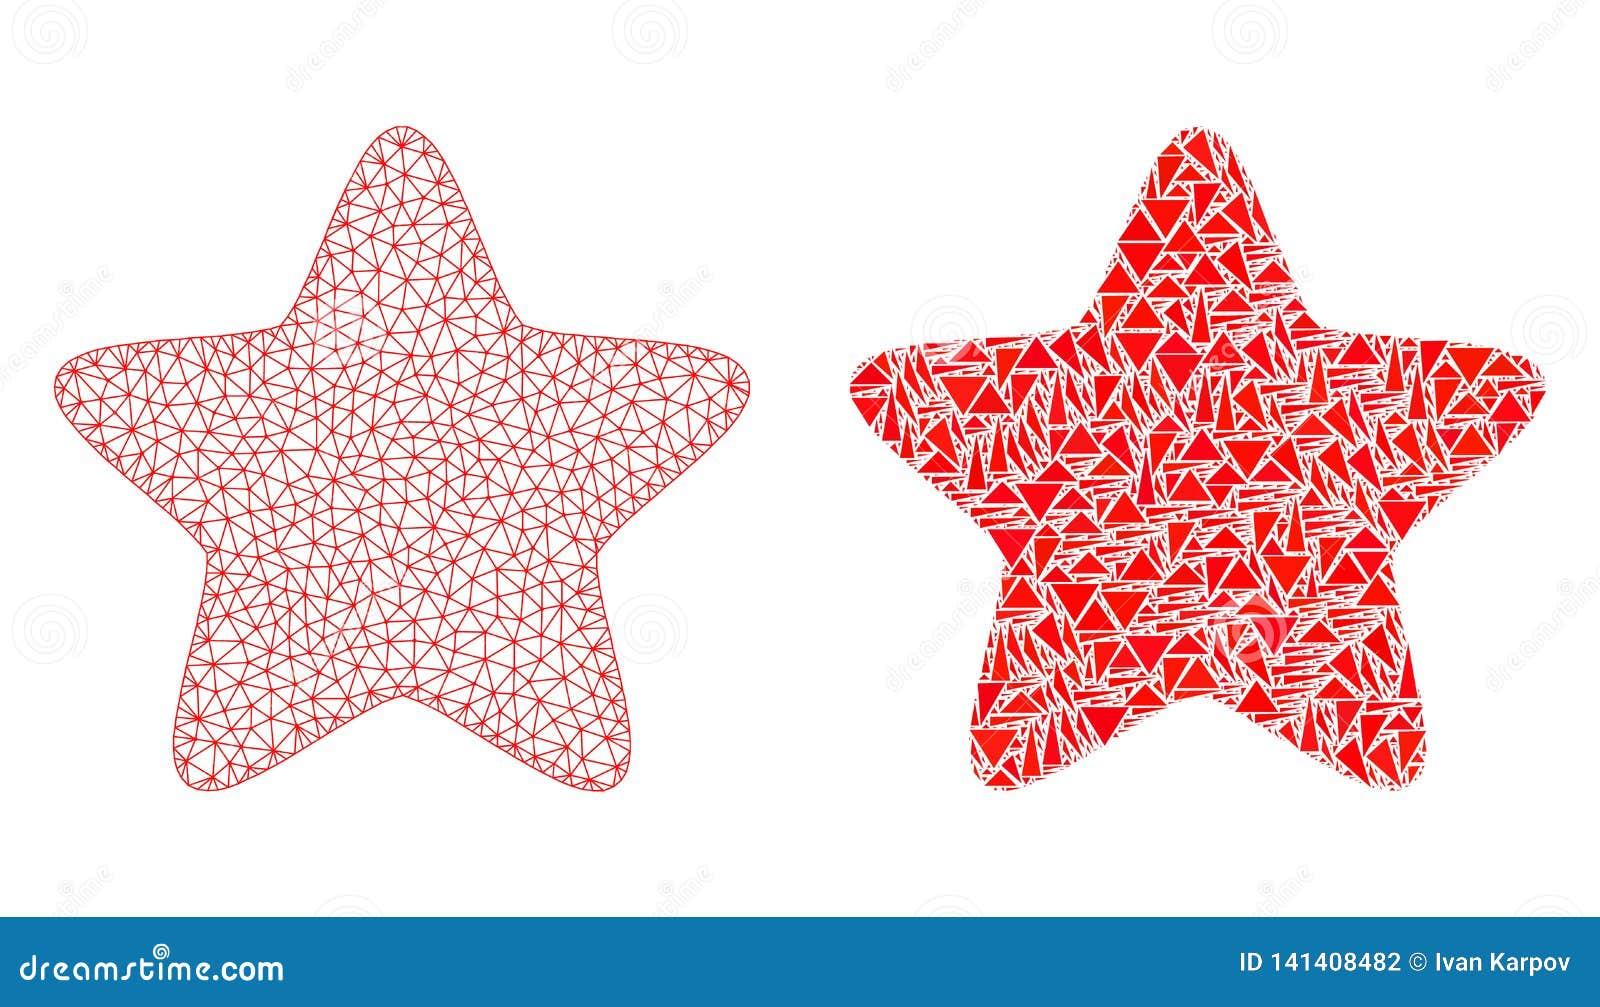 Carcasse polygonale Mesh Red Star et icône de mosaïque